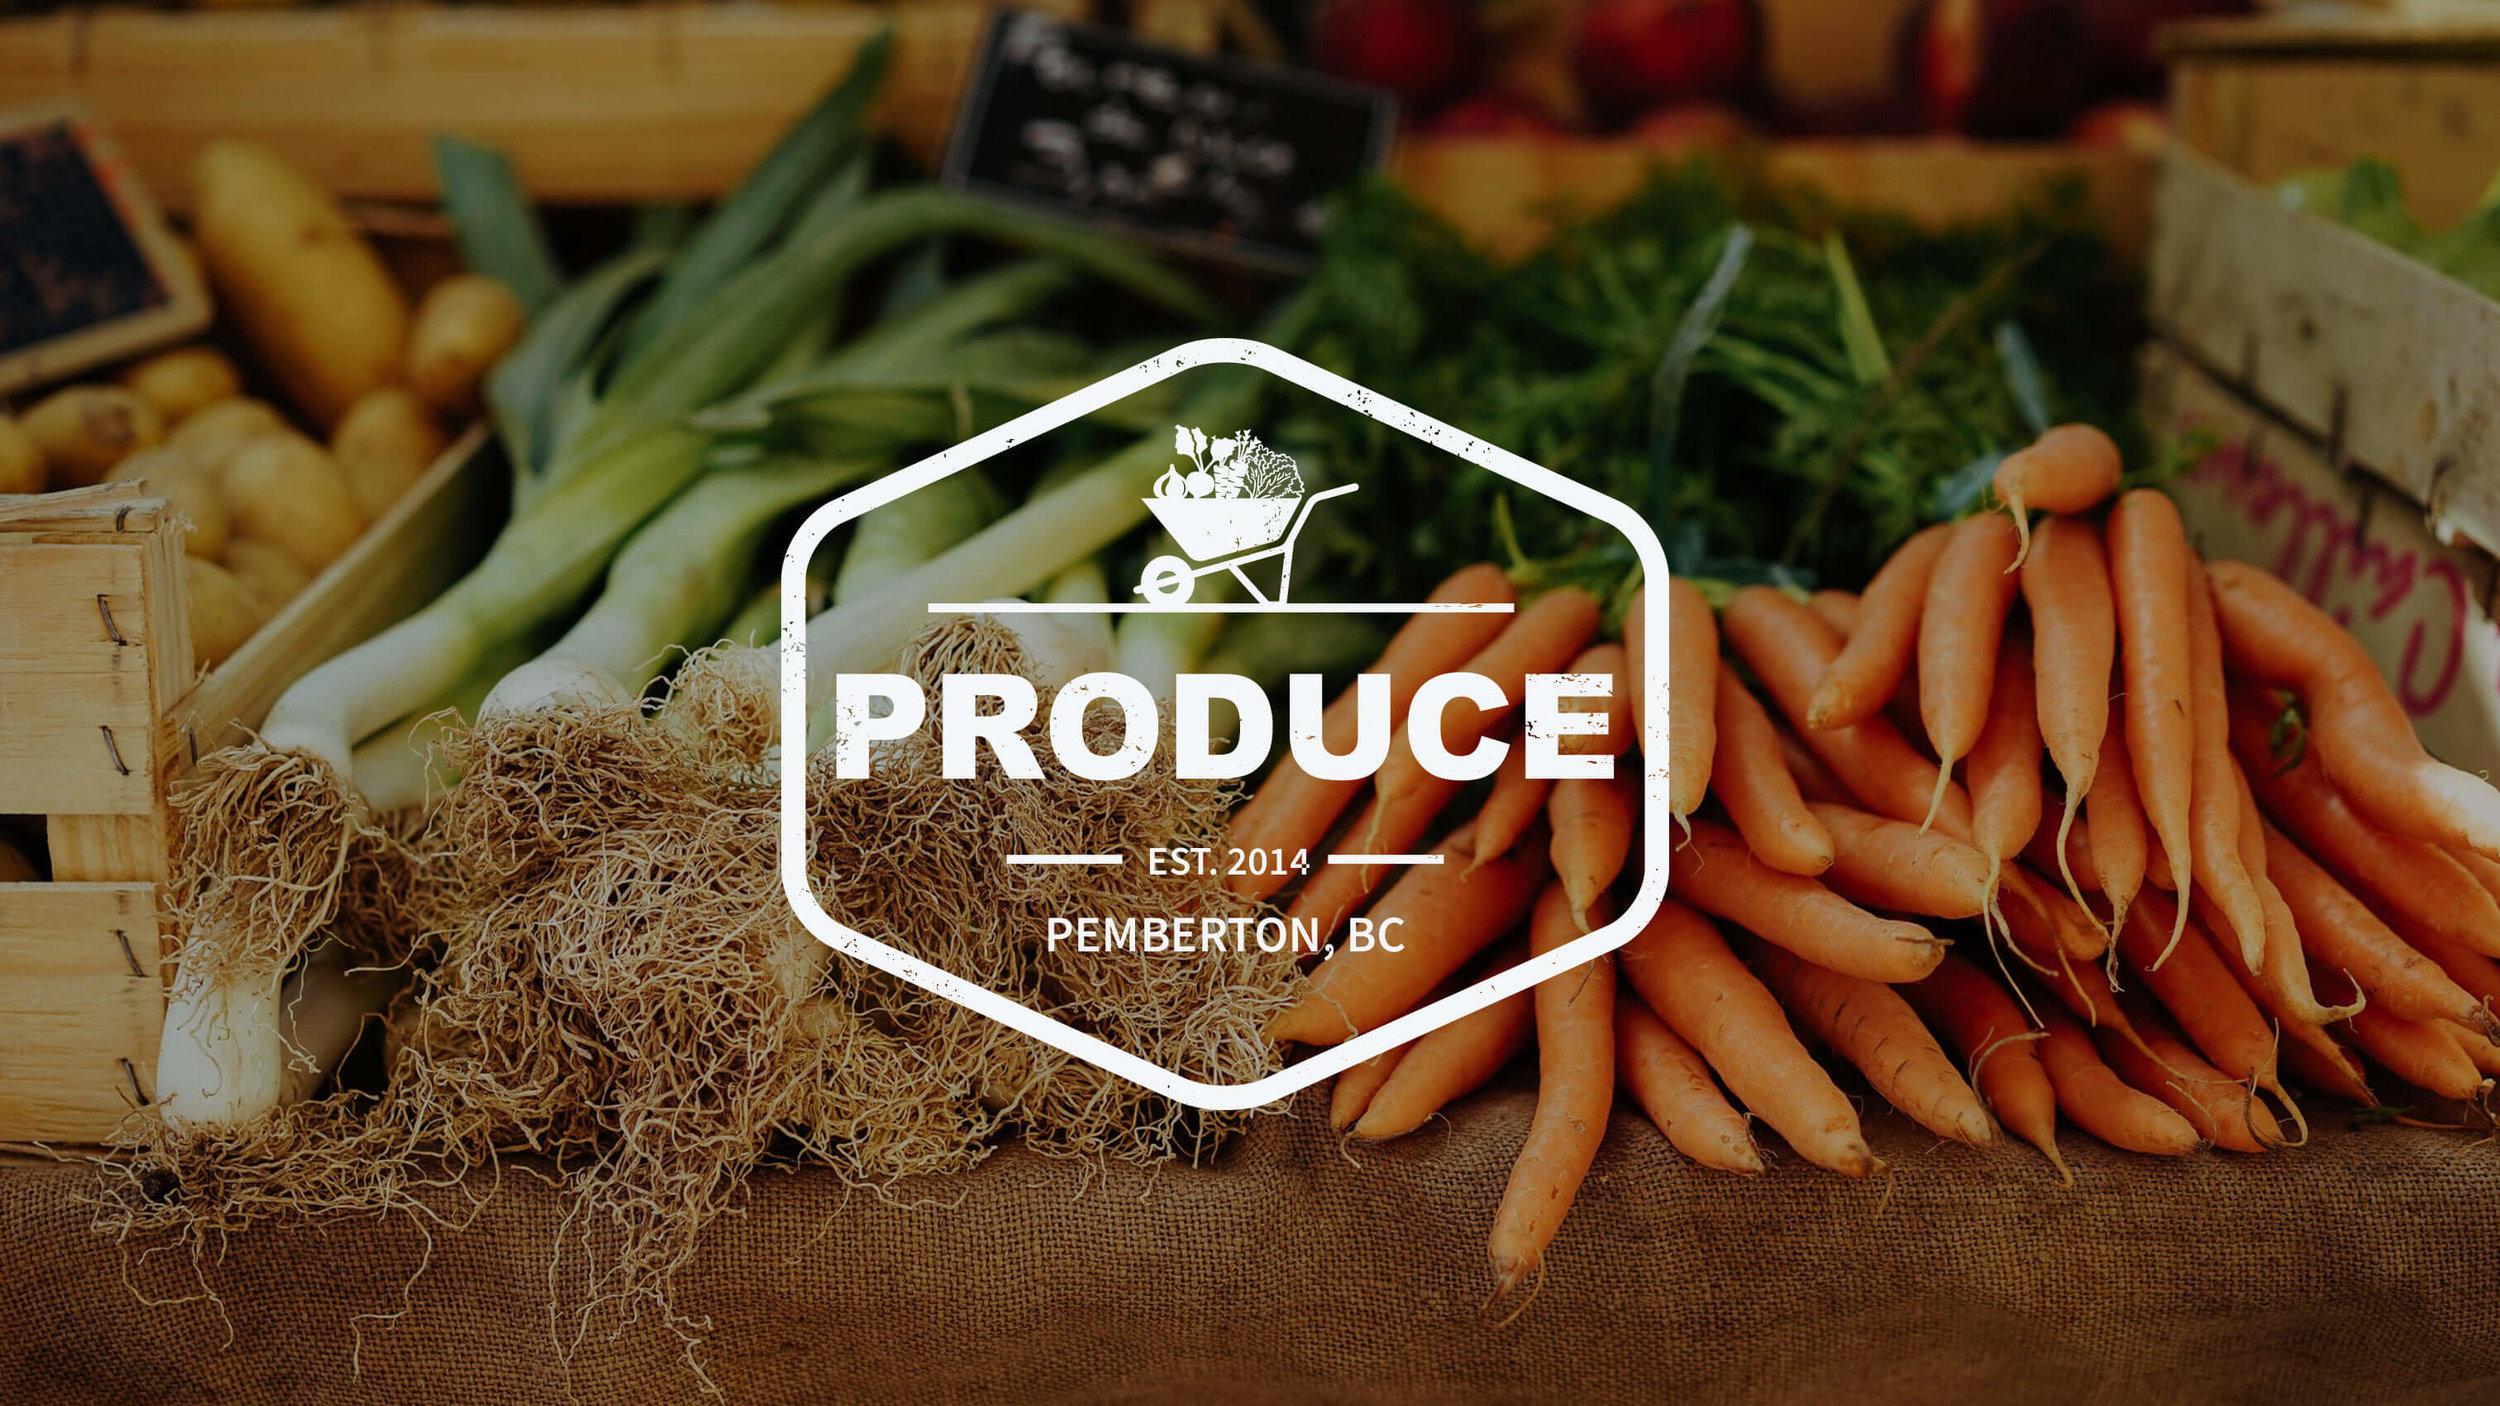 pemcap-produce.jpg